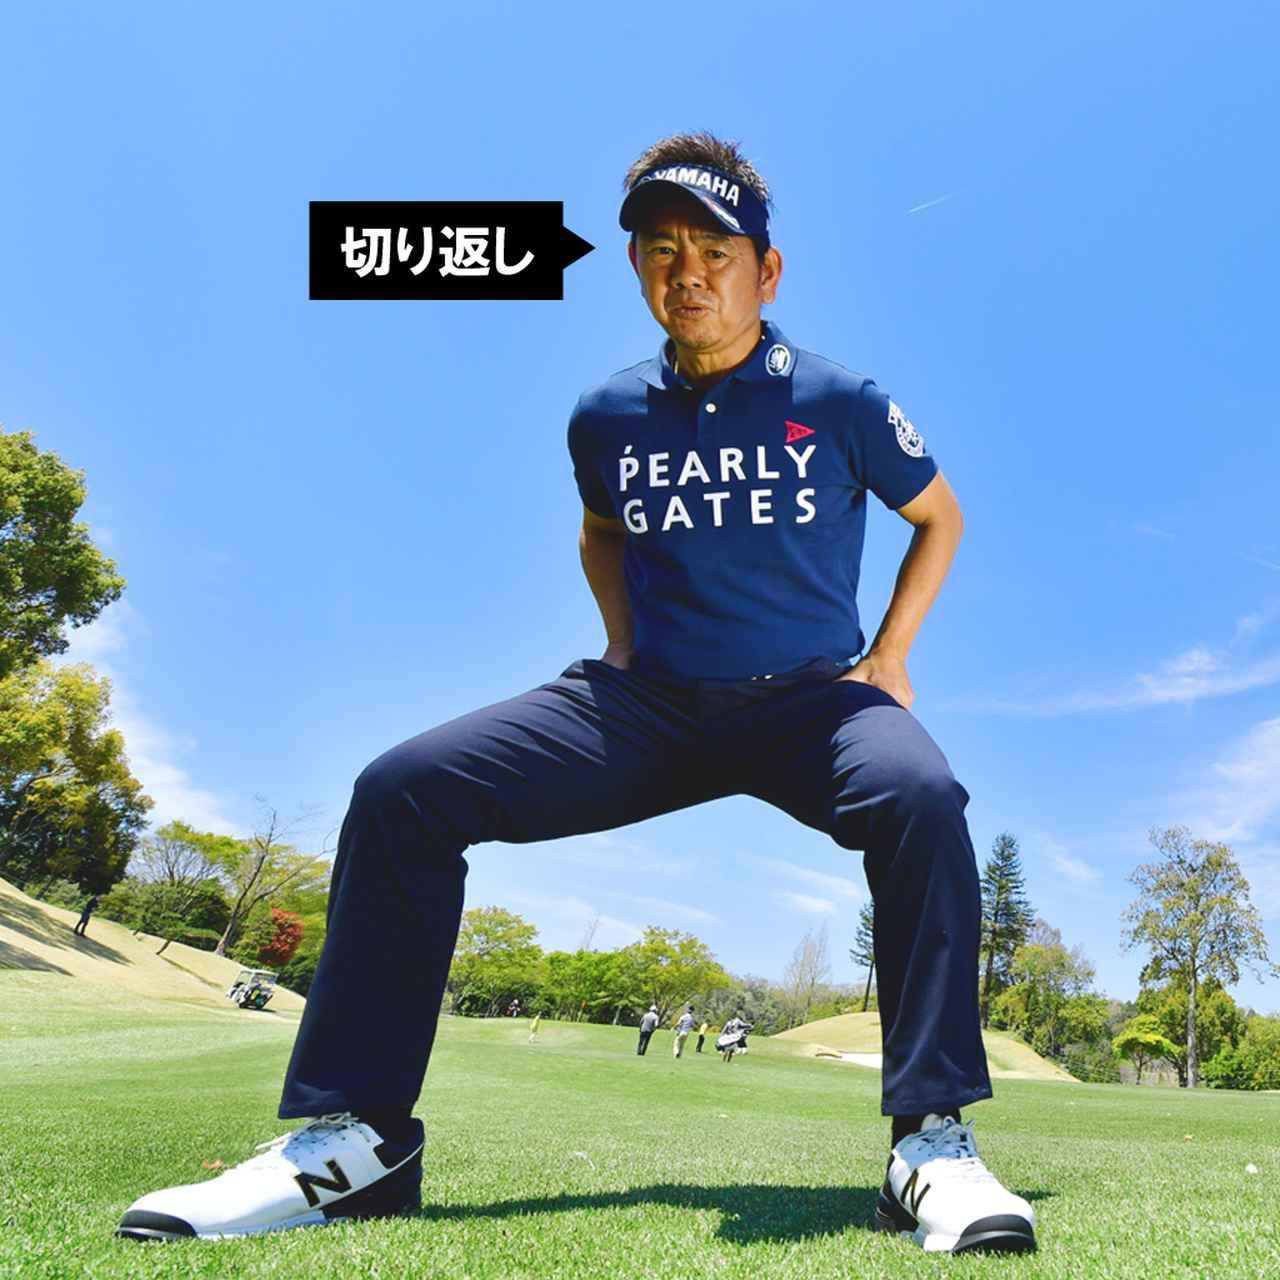 画像2: 【スウィングづくり】四股踏みがヒップターンのコツですよ、藤田寛之。お尻着目レッスン③